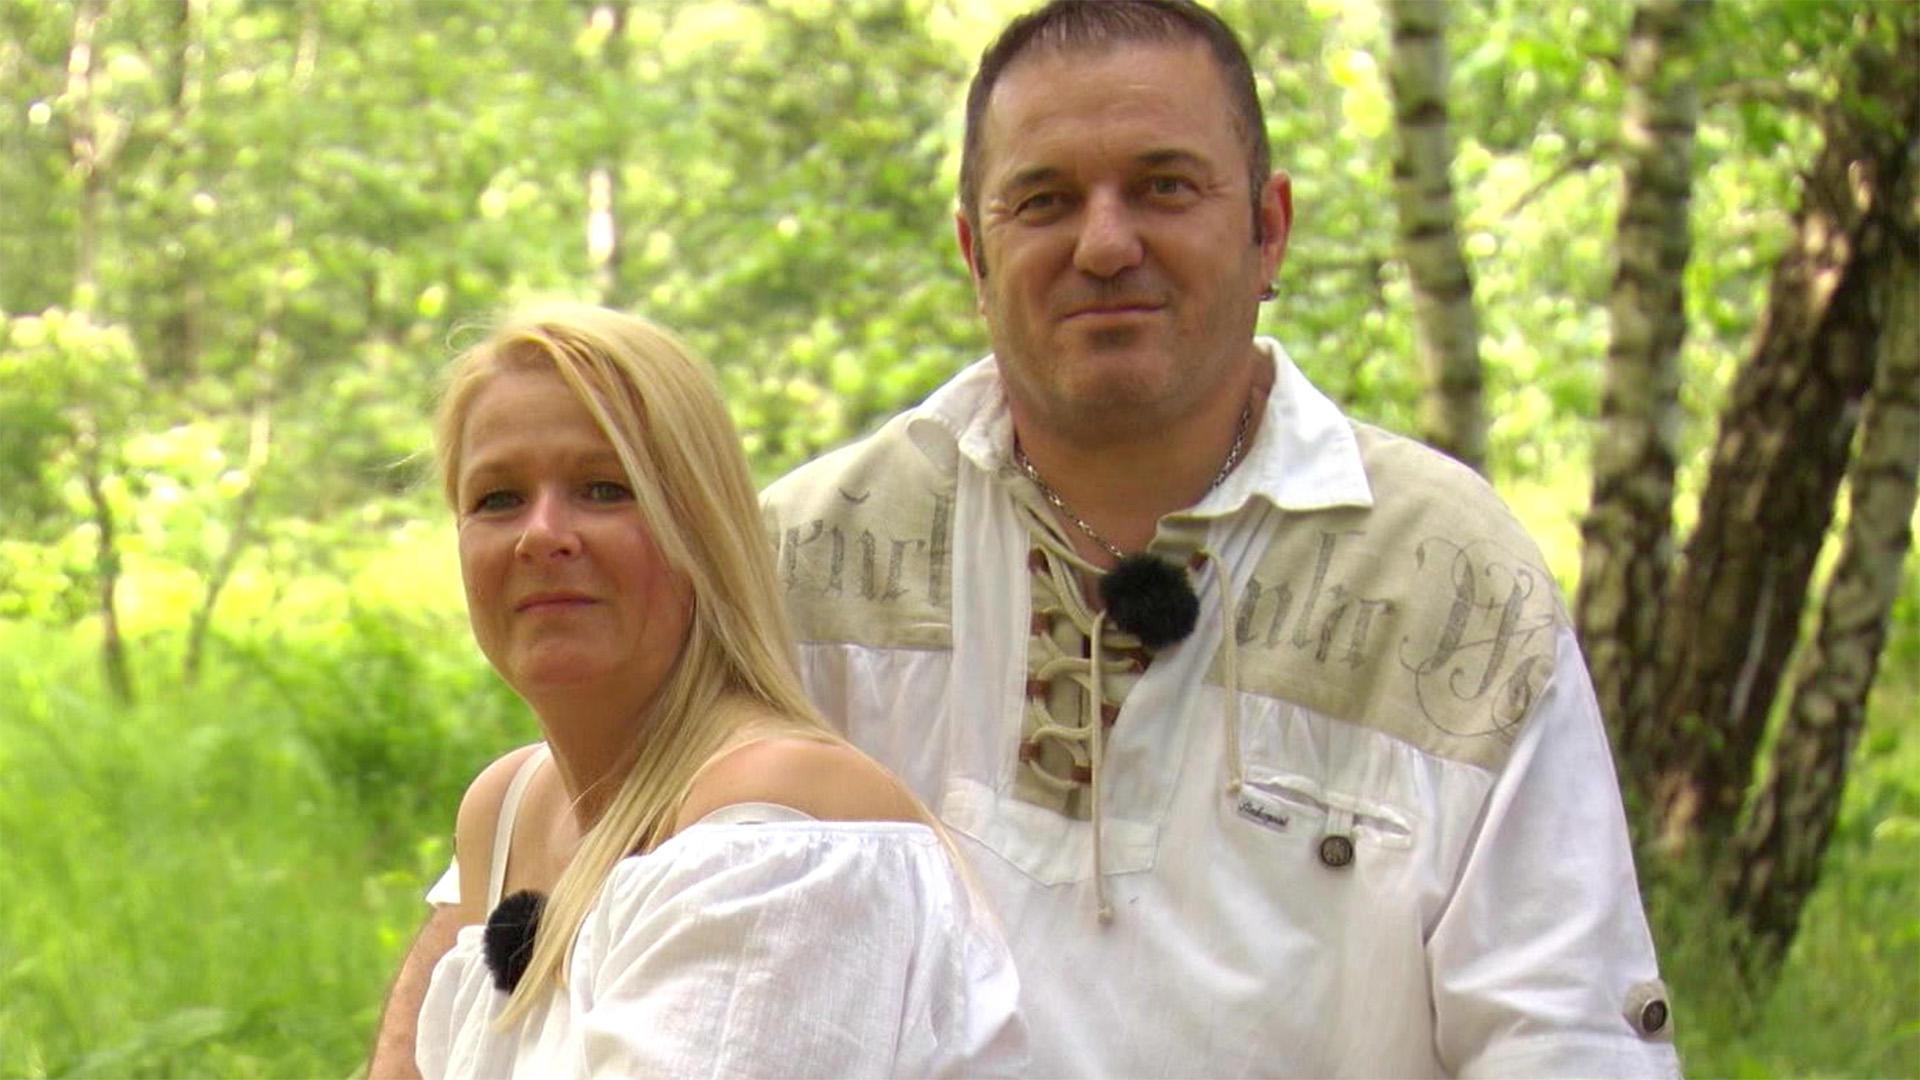 Tag 3: Bettina und Bernd, Hagen | Folge 32